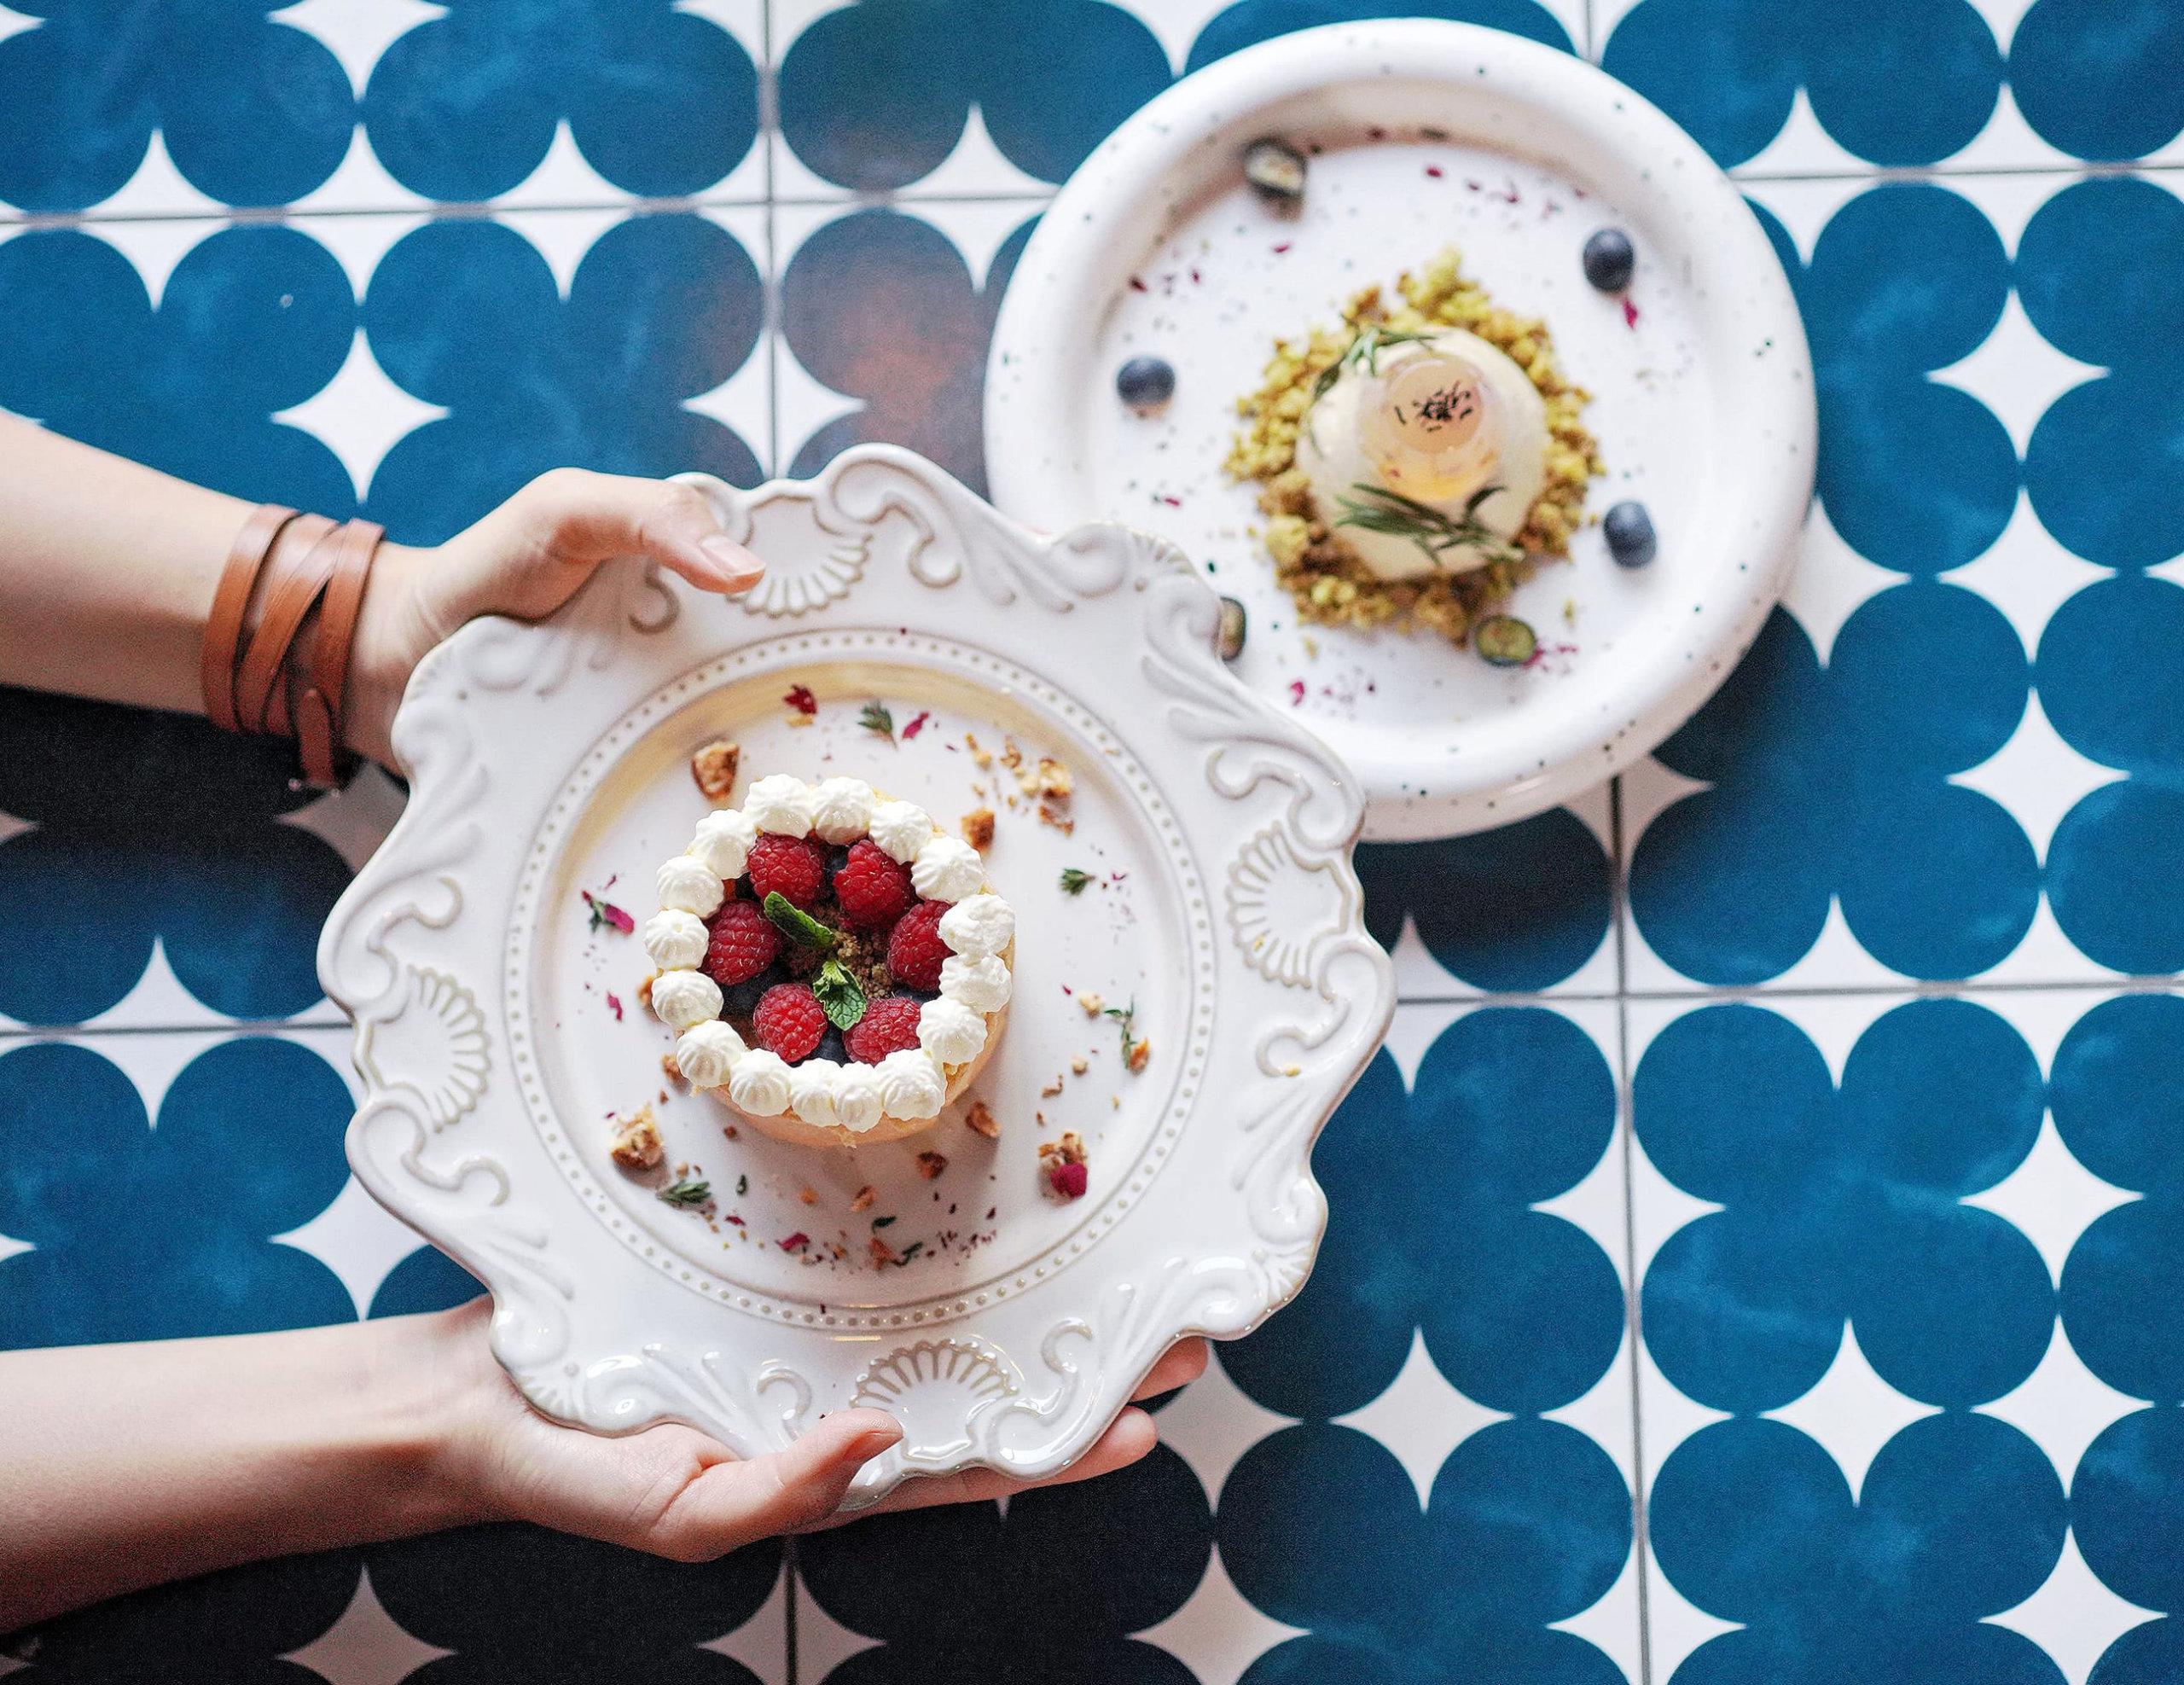 精緻甜品,隨手一影都係靚相!左:白朱古力夏洛逸蛋糕;右:佛手柑伯爵茶奶凍